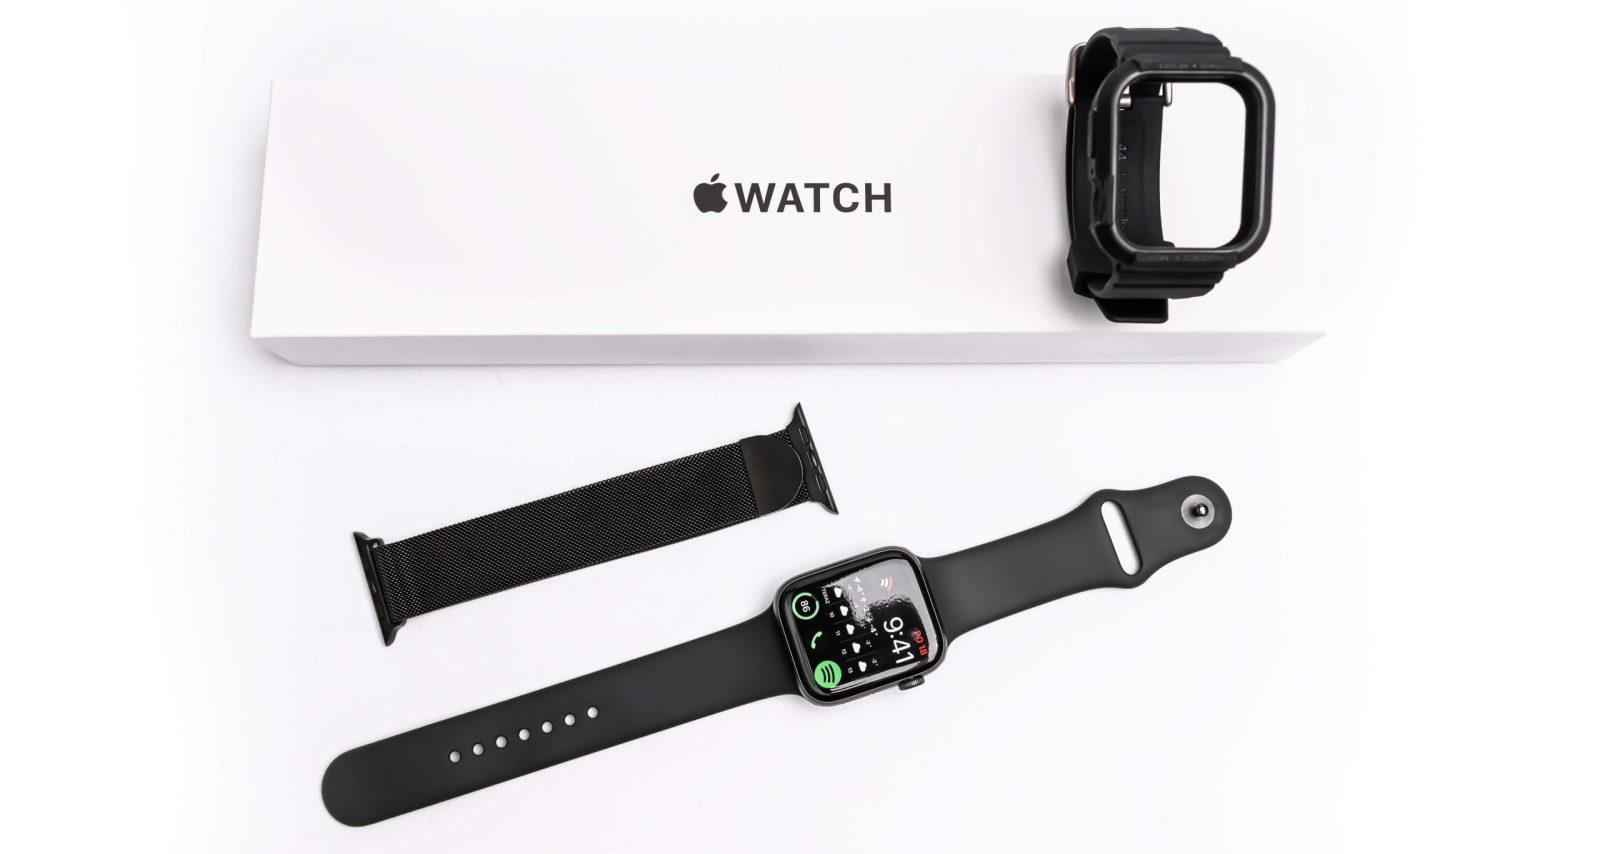 Az Apple Watch SE számos cserélhető szíjjal érhető el a piacon